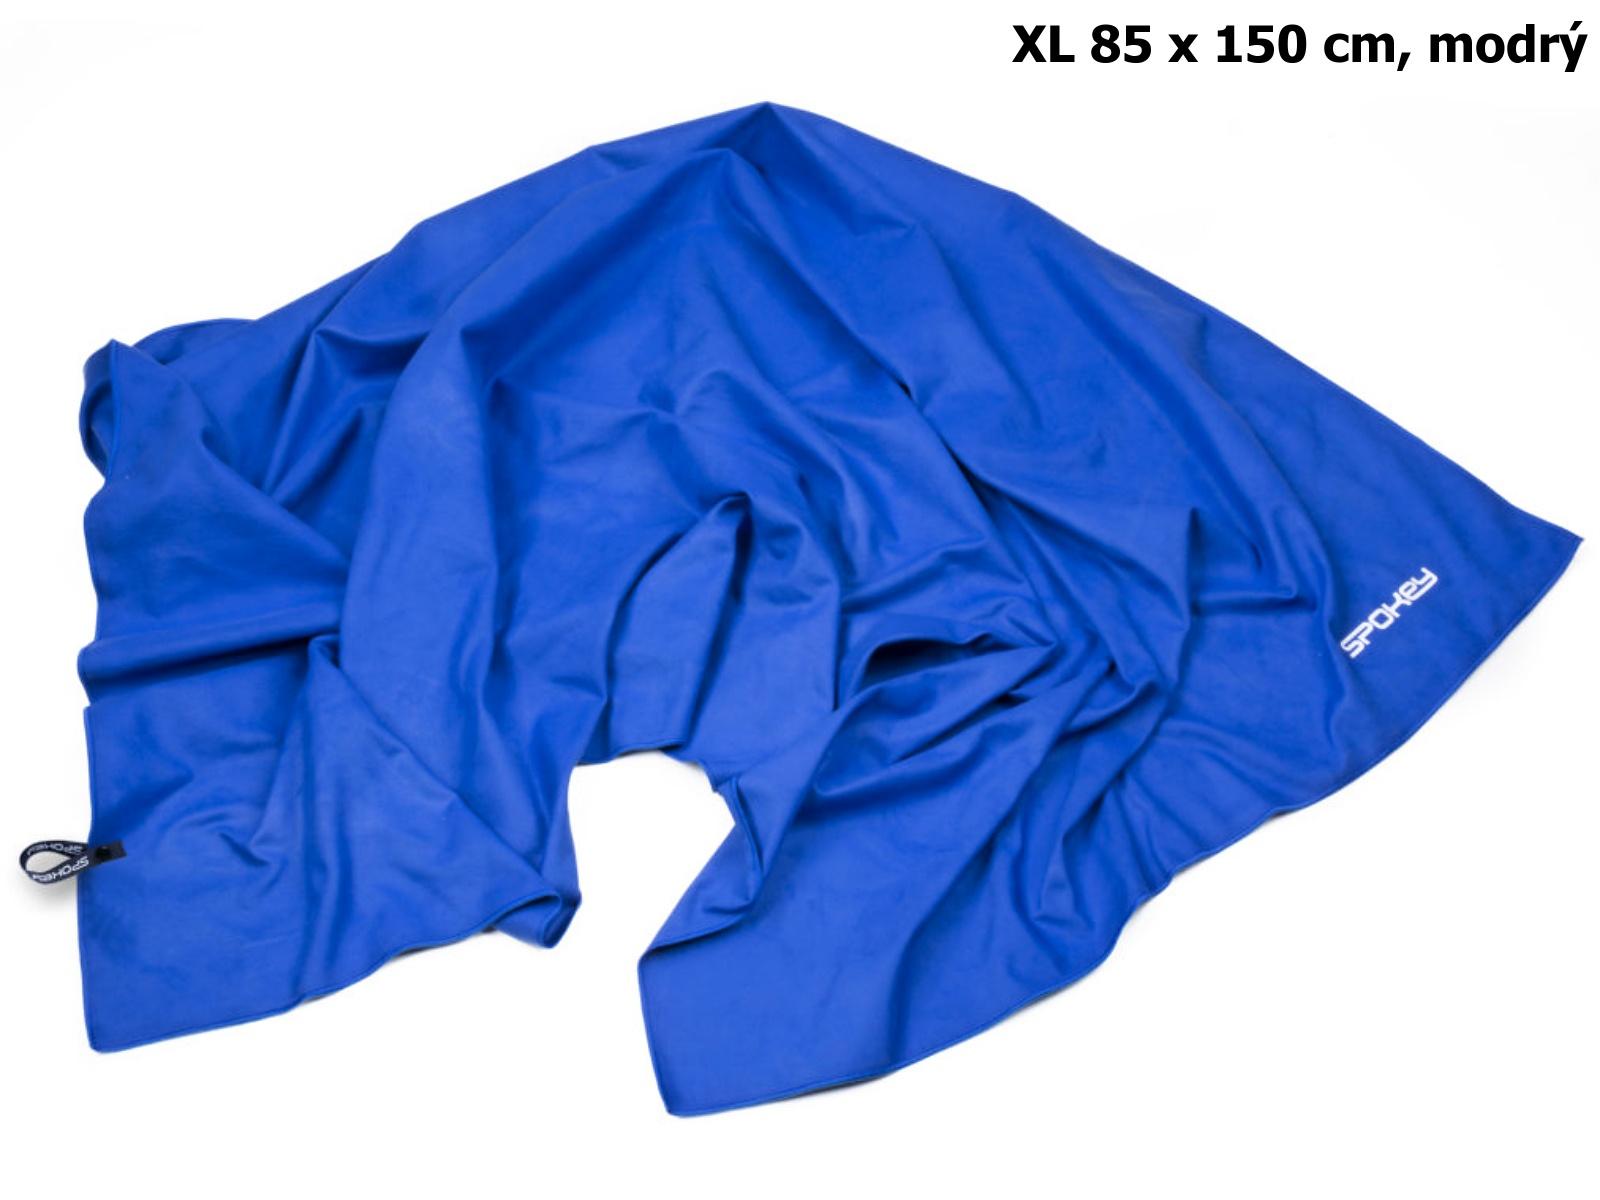 Rychleschnoucí ručník SPOKEY Sirocco XL 85 x 150 cm, modrý